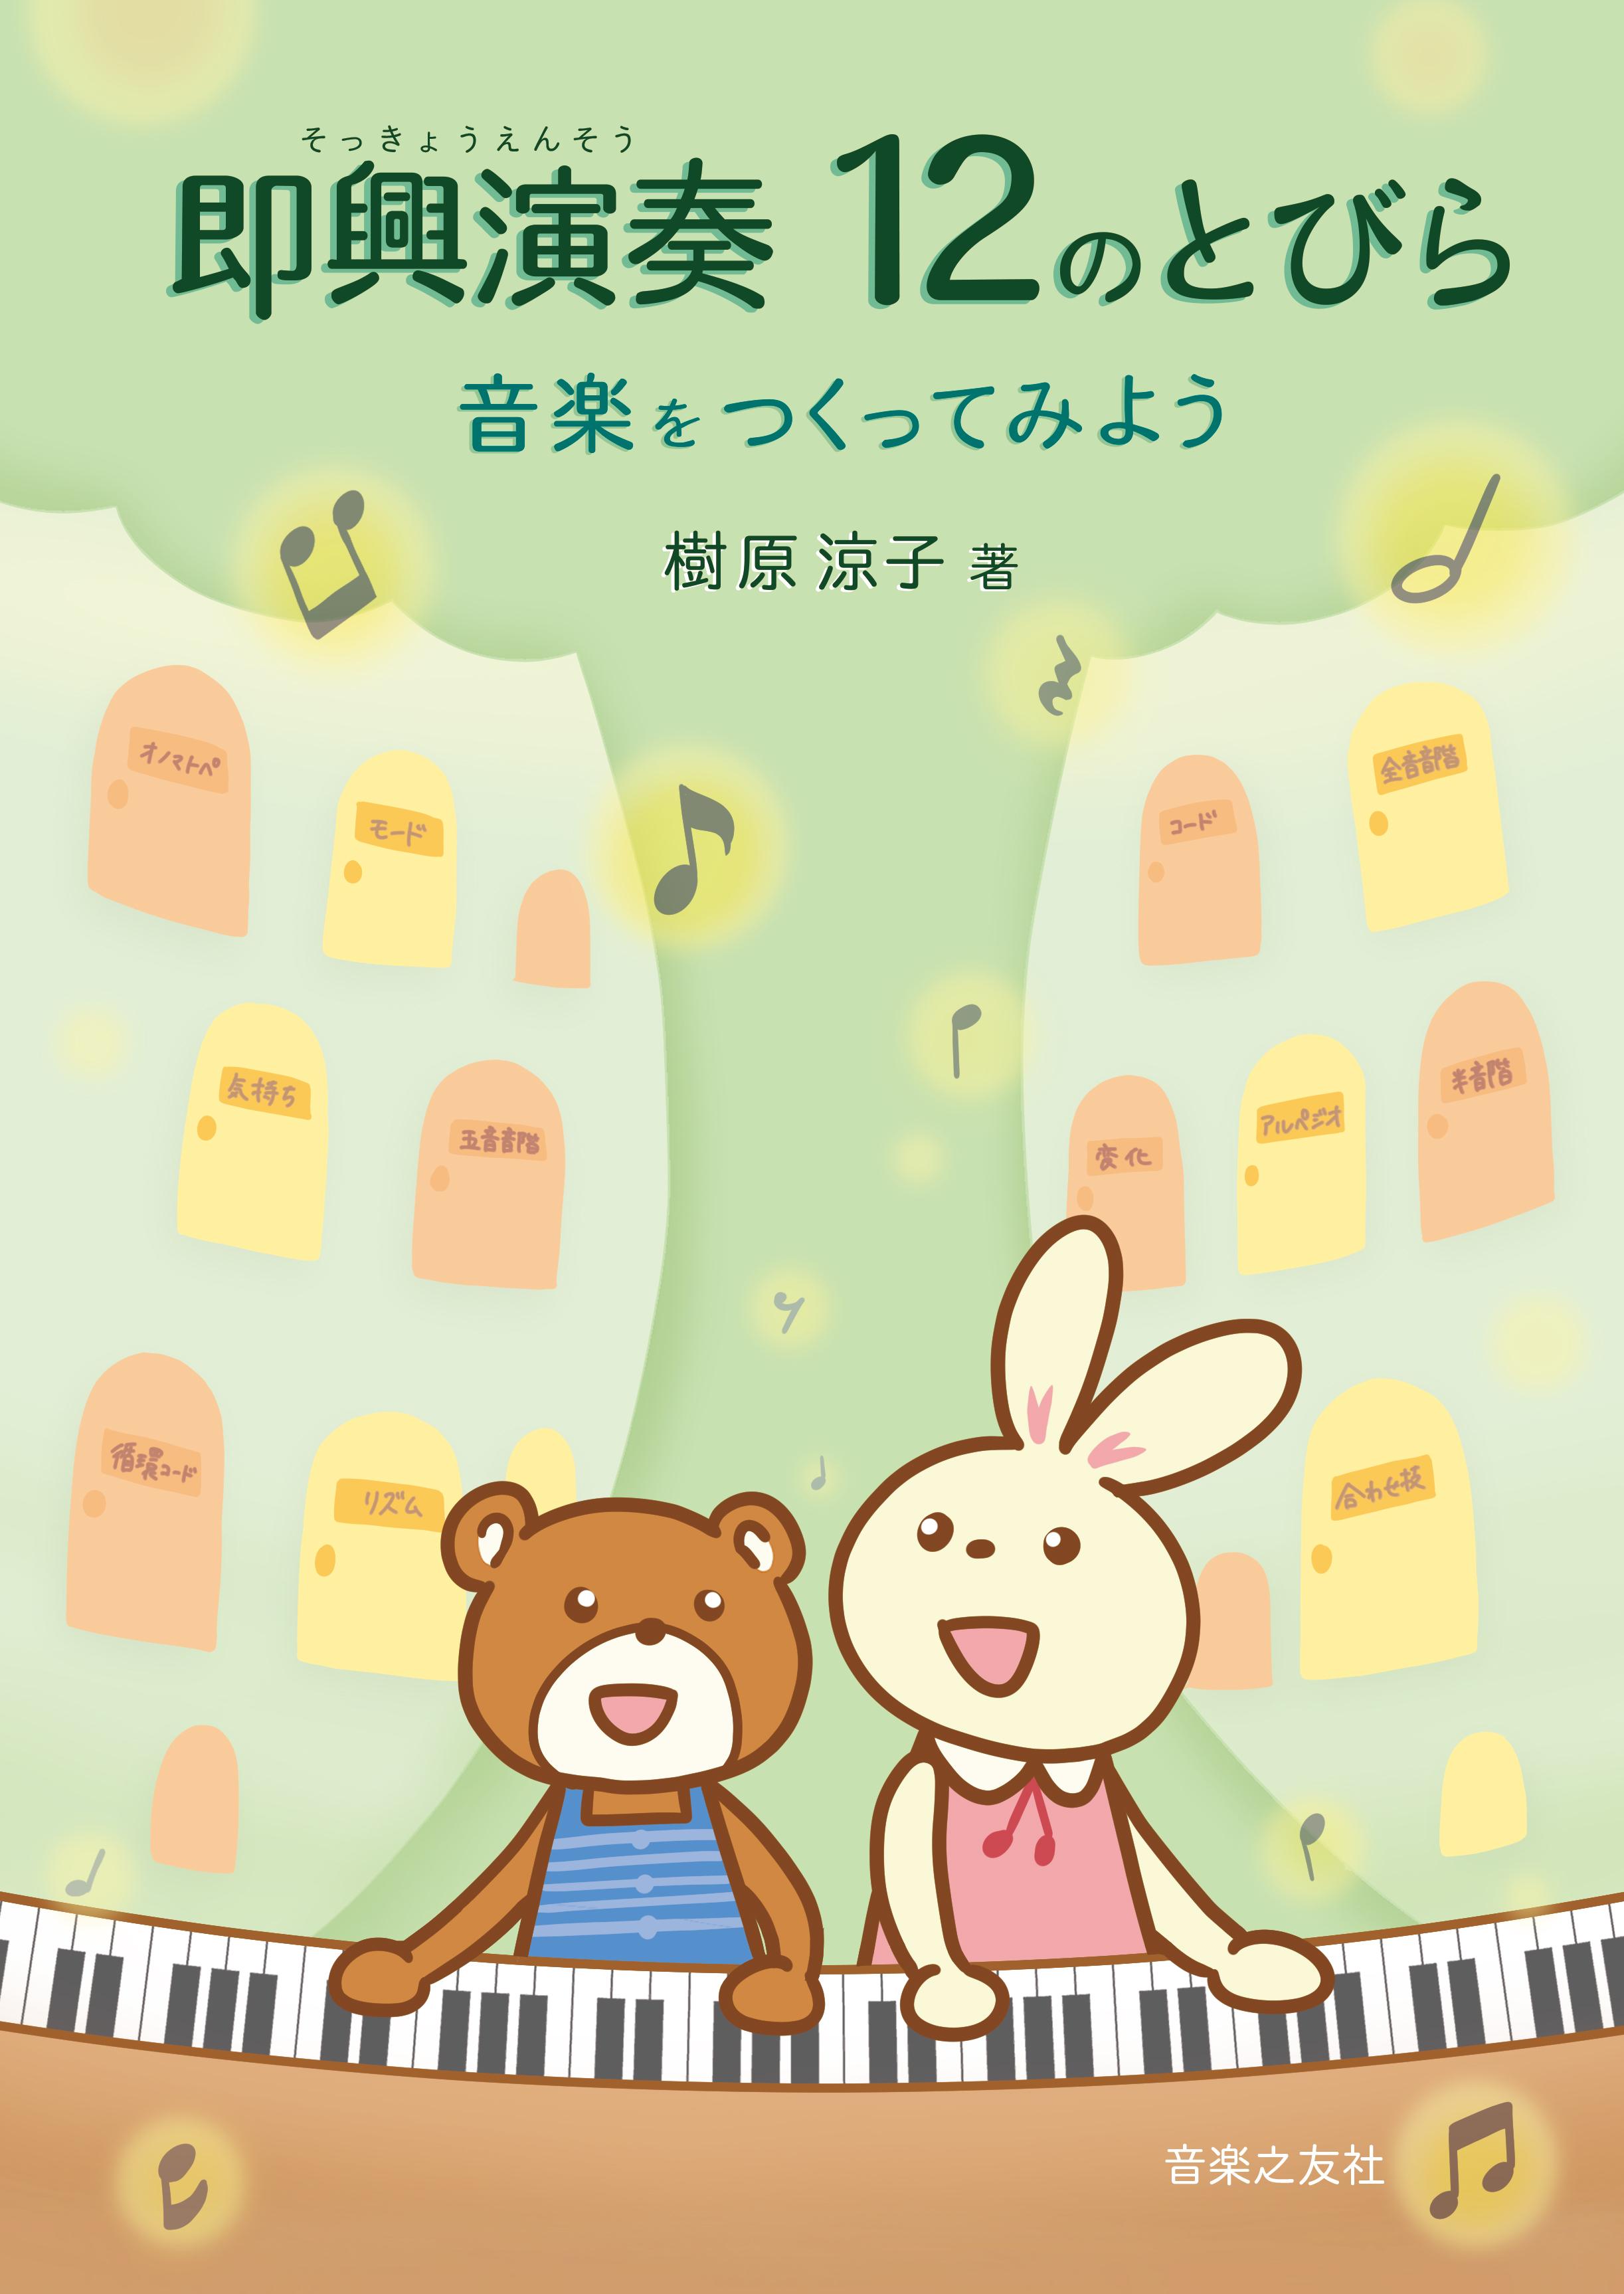 『即興演奏12のとびら』勉強会  第13回「すべてのまとめ」東京 樹原涼子クラス